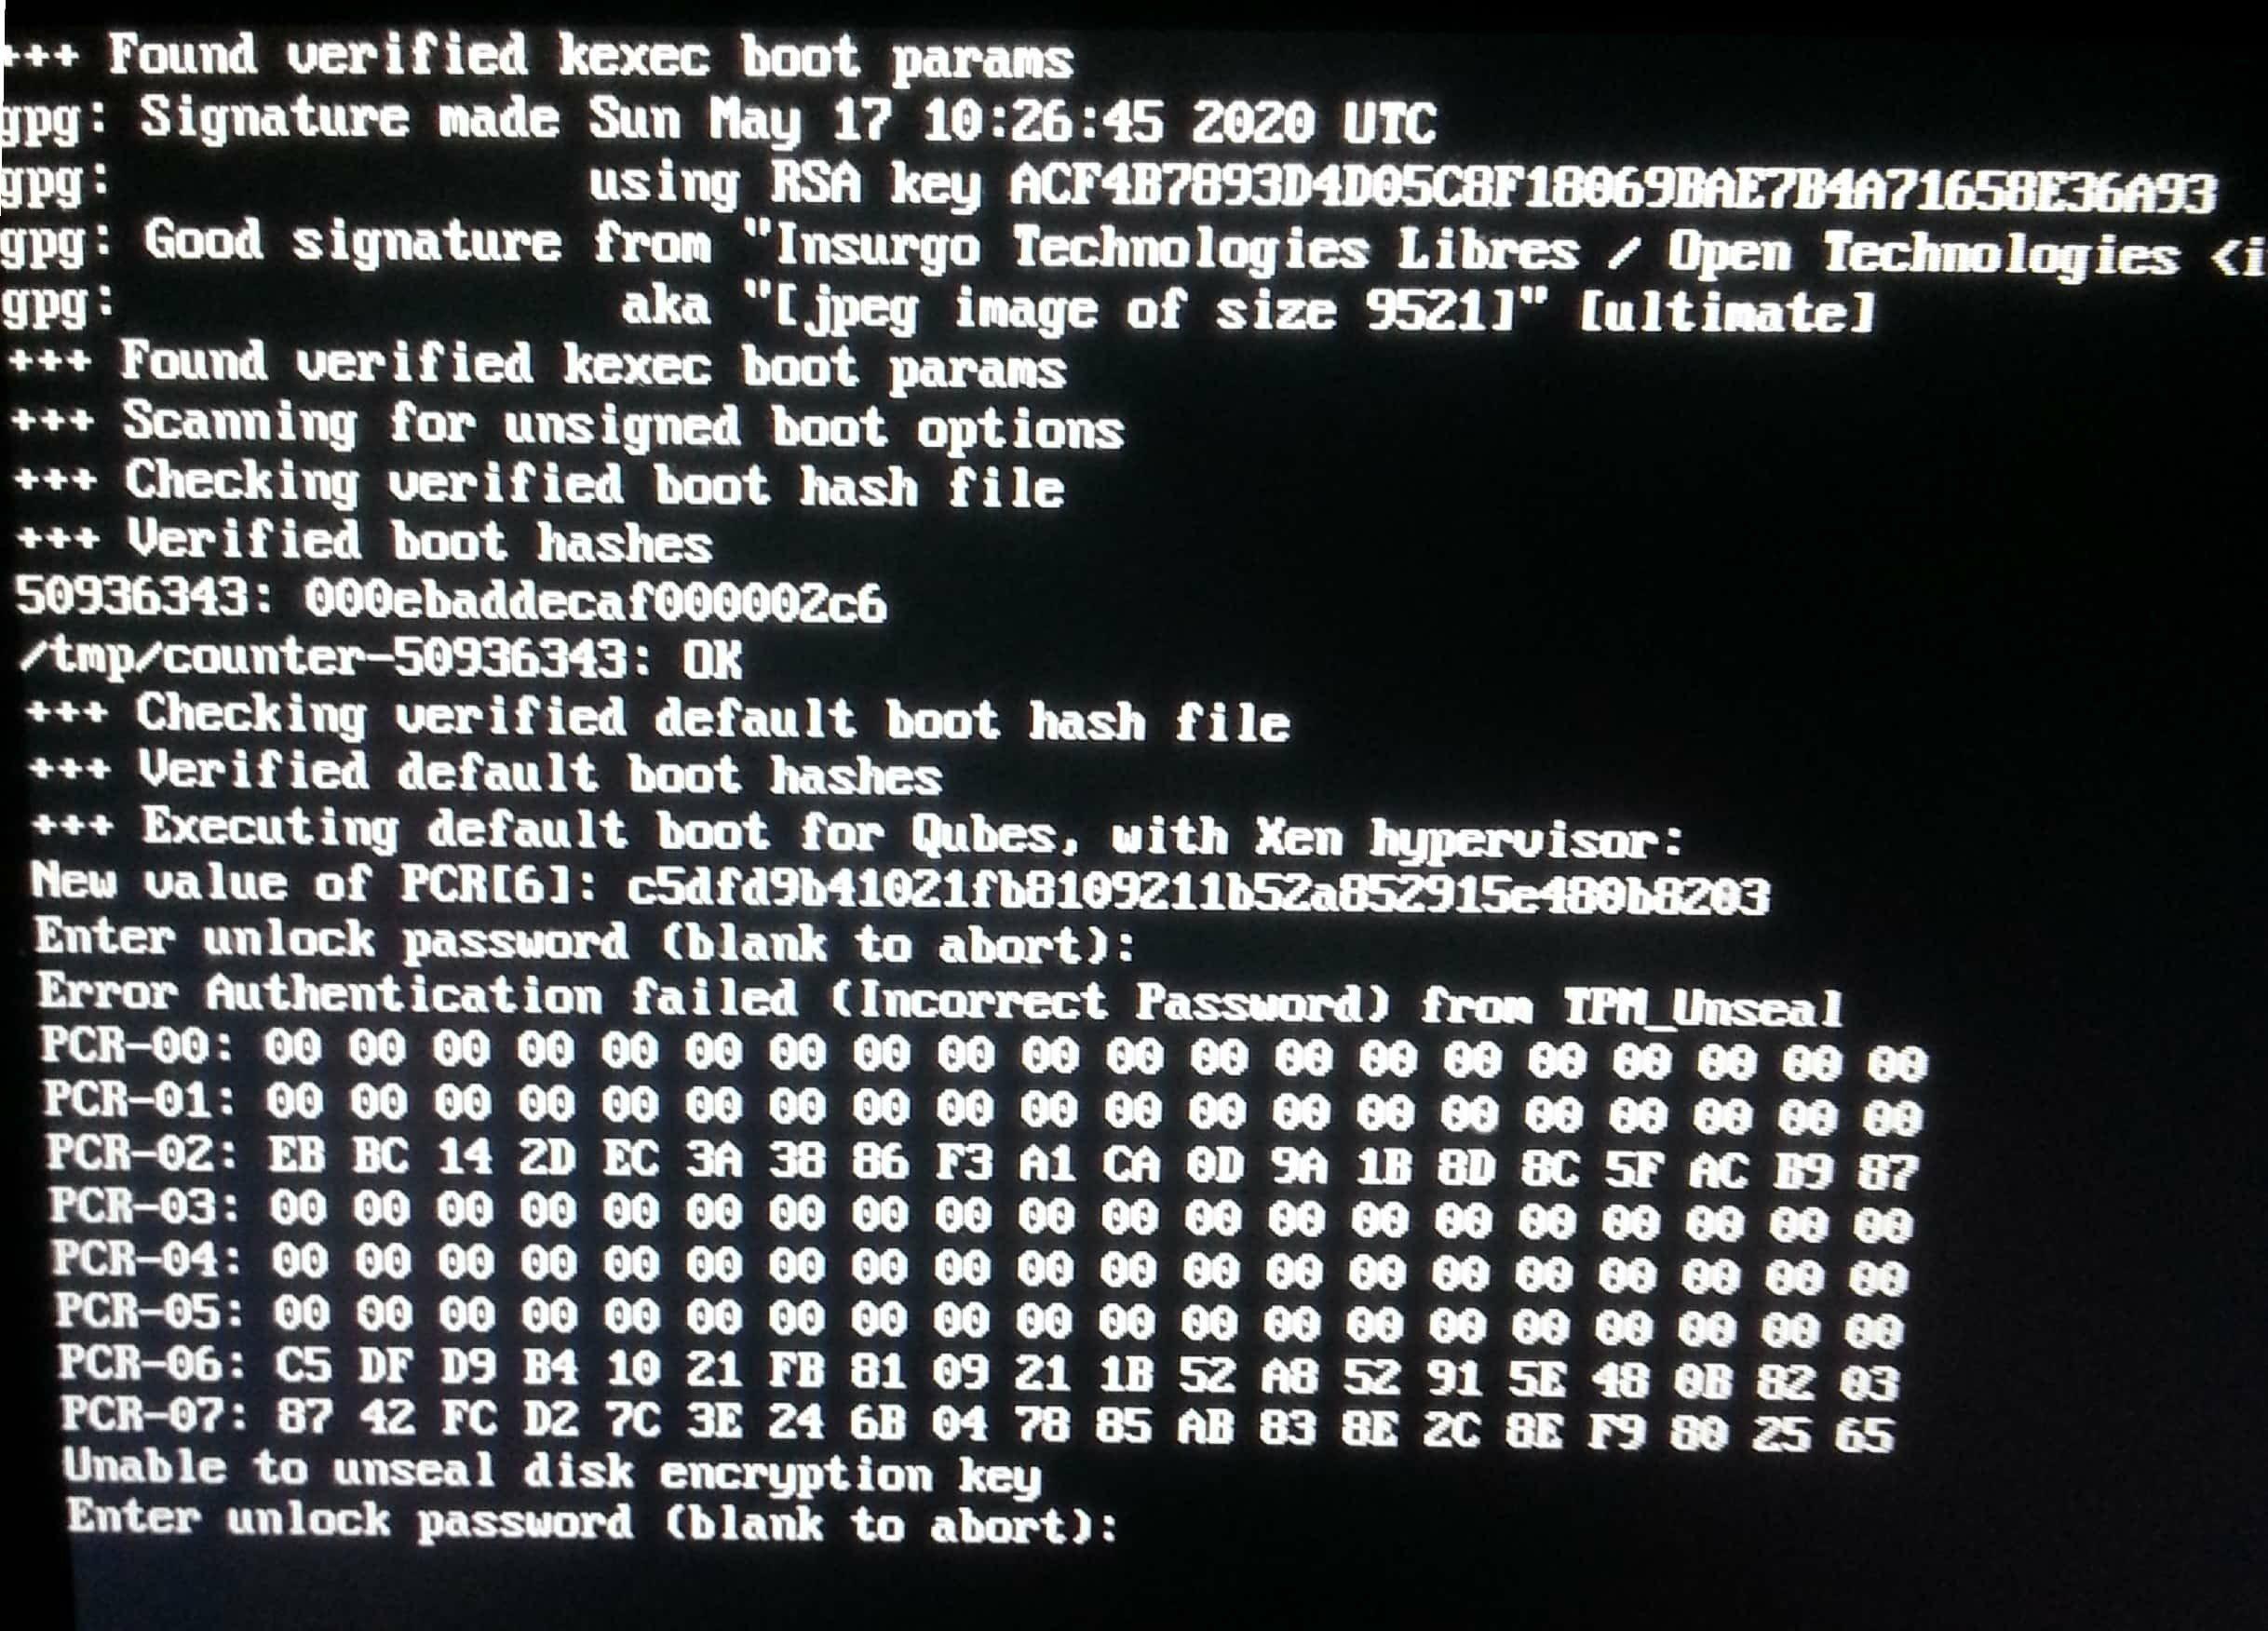 Disk Unlock Key passphrase showed PCRs when passphrase fails